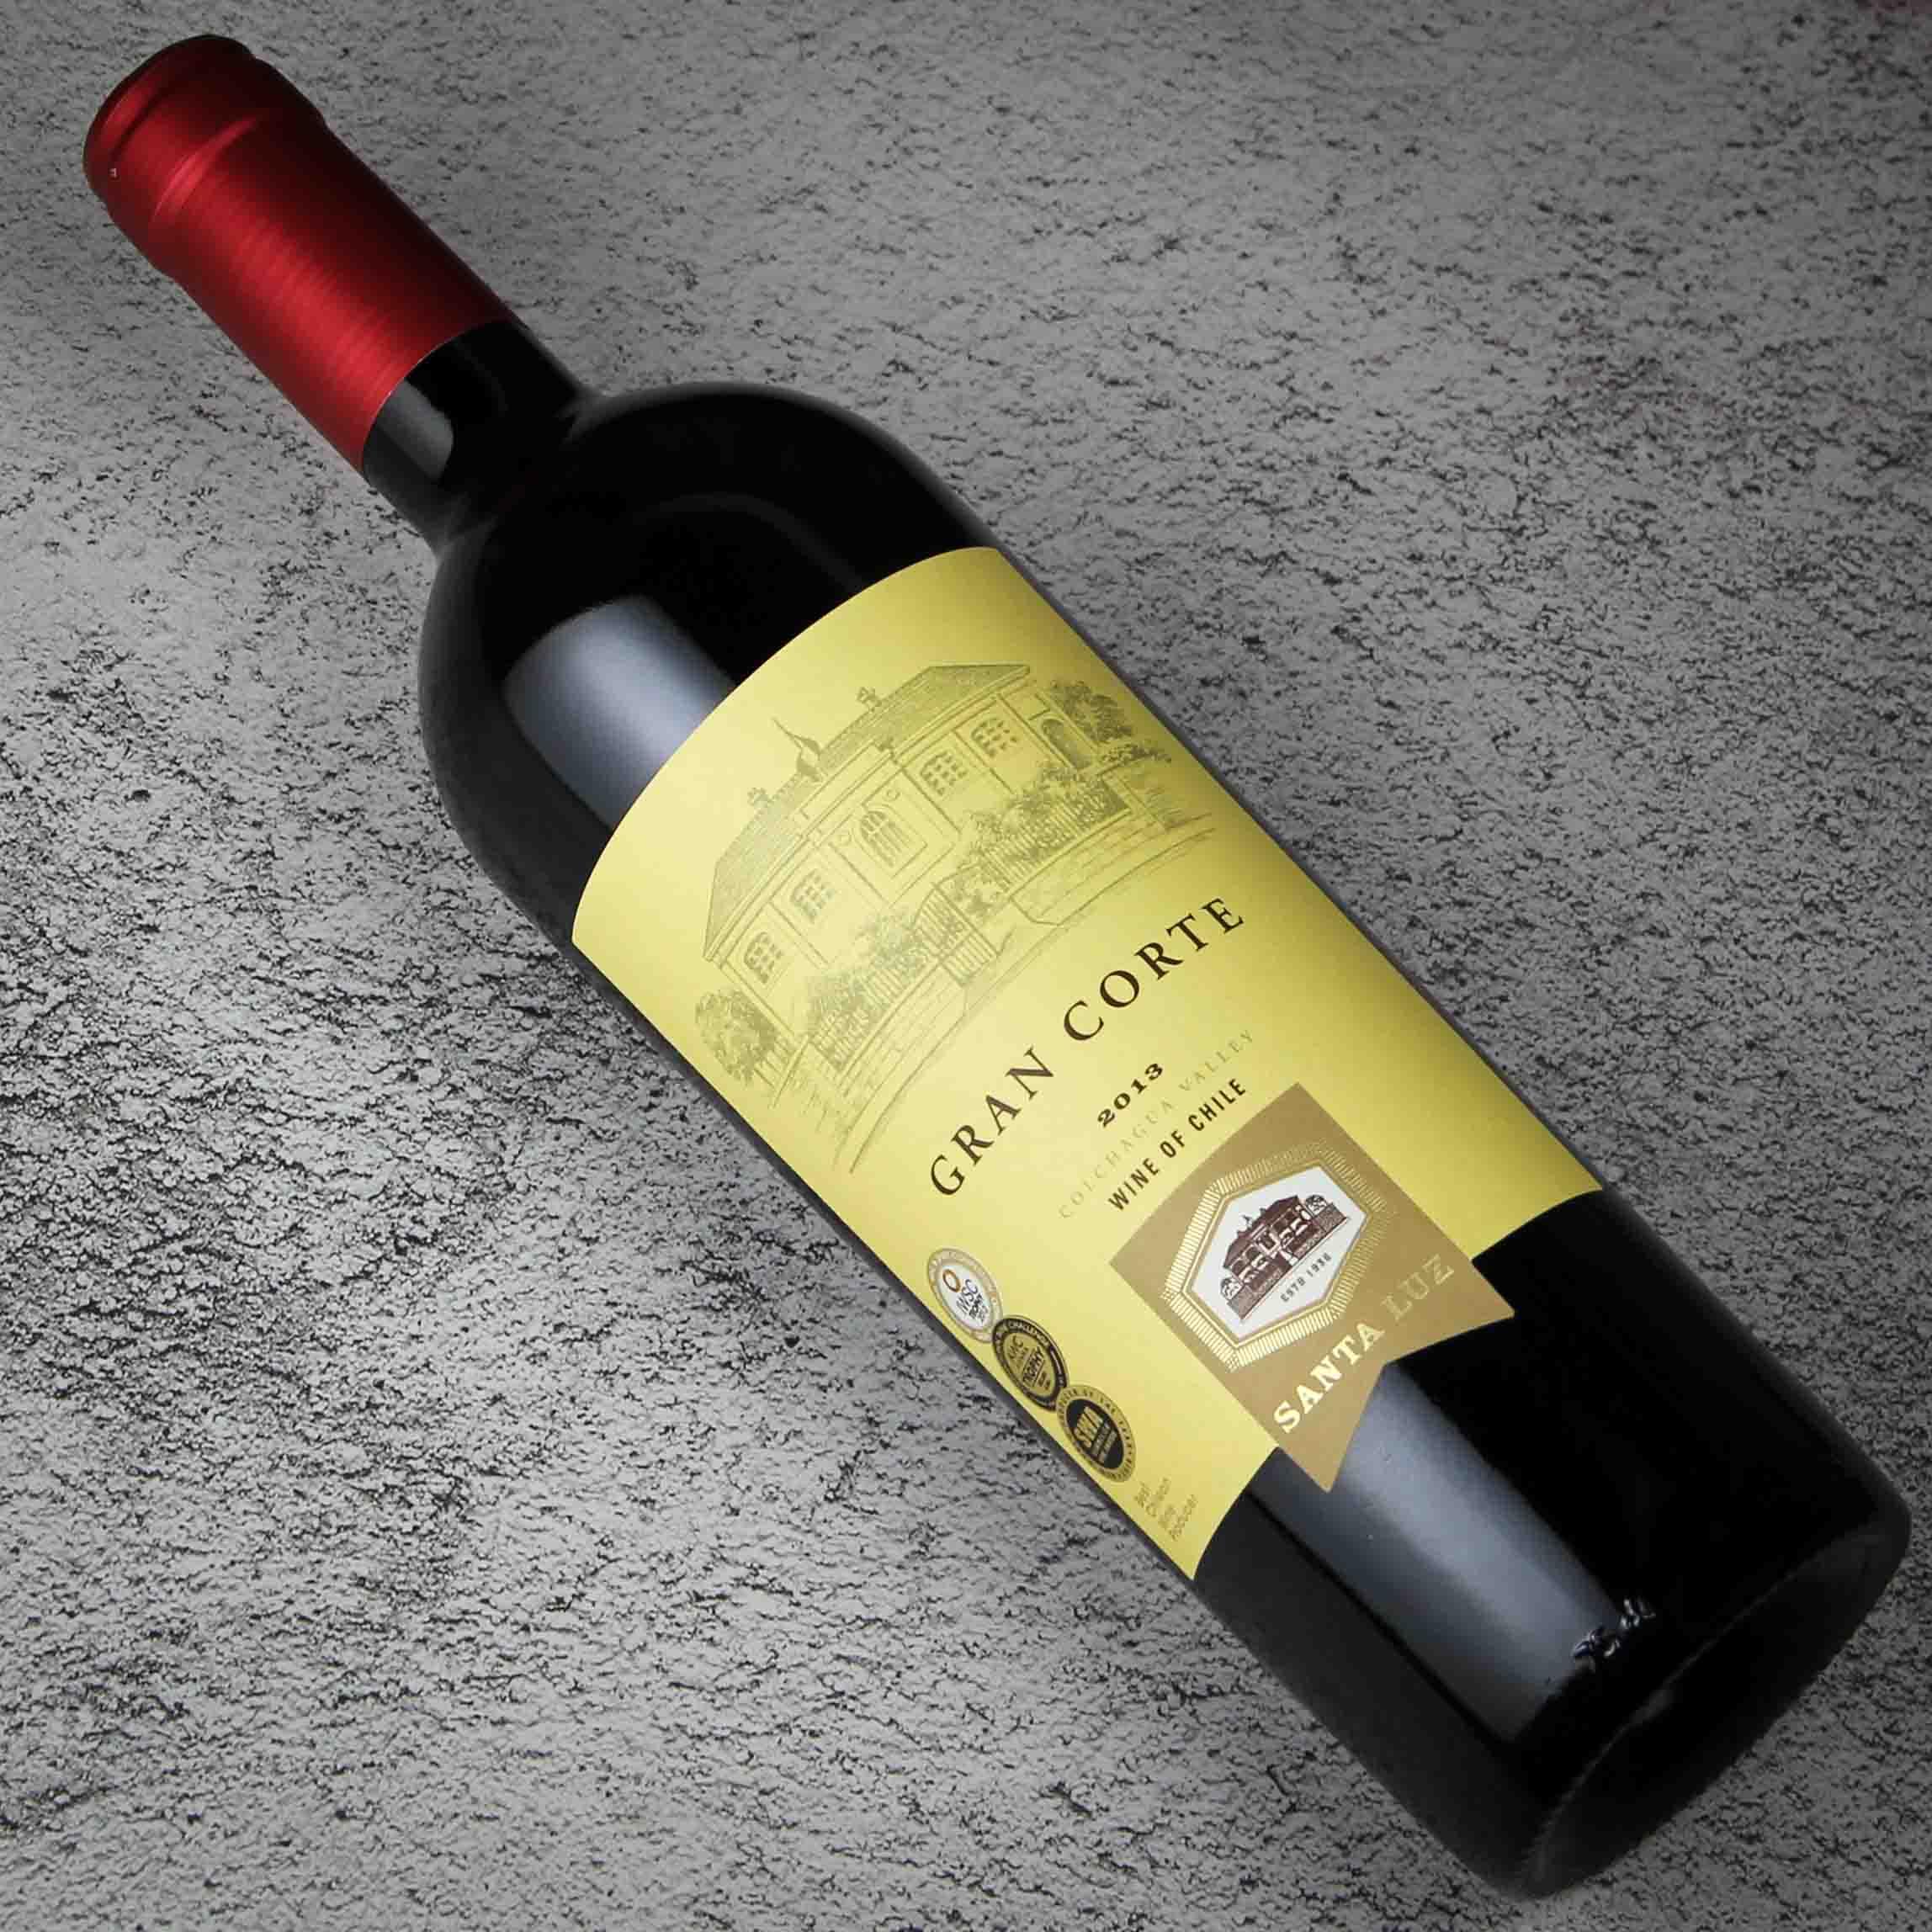 智利中央山谷桑塔露琪科尔特家族珍藏干红葡萄酒